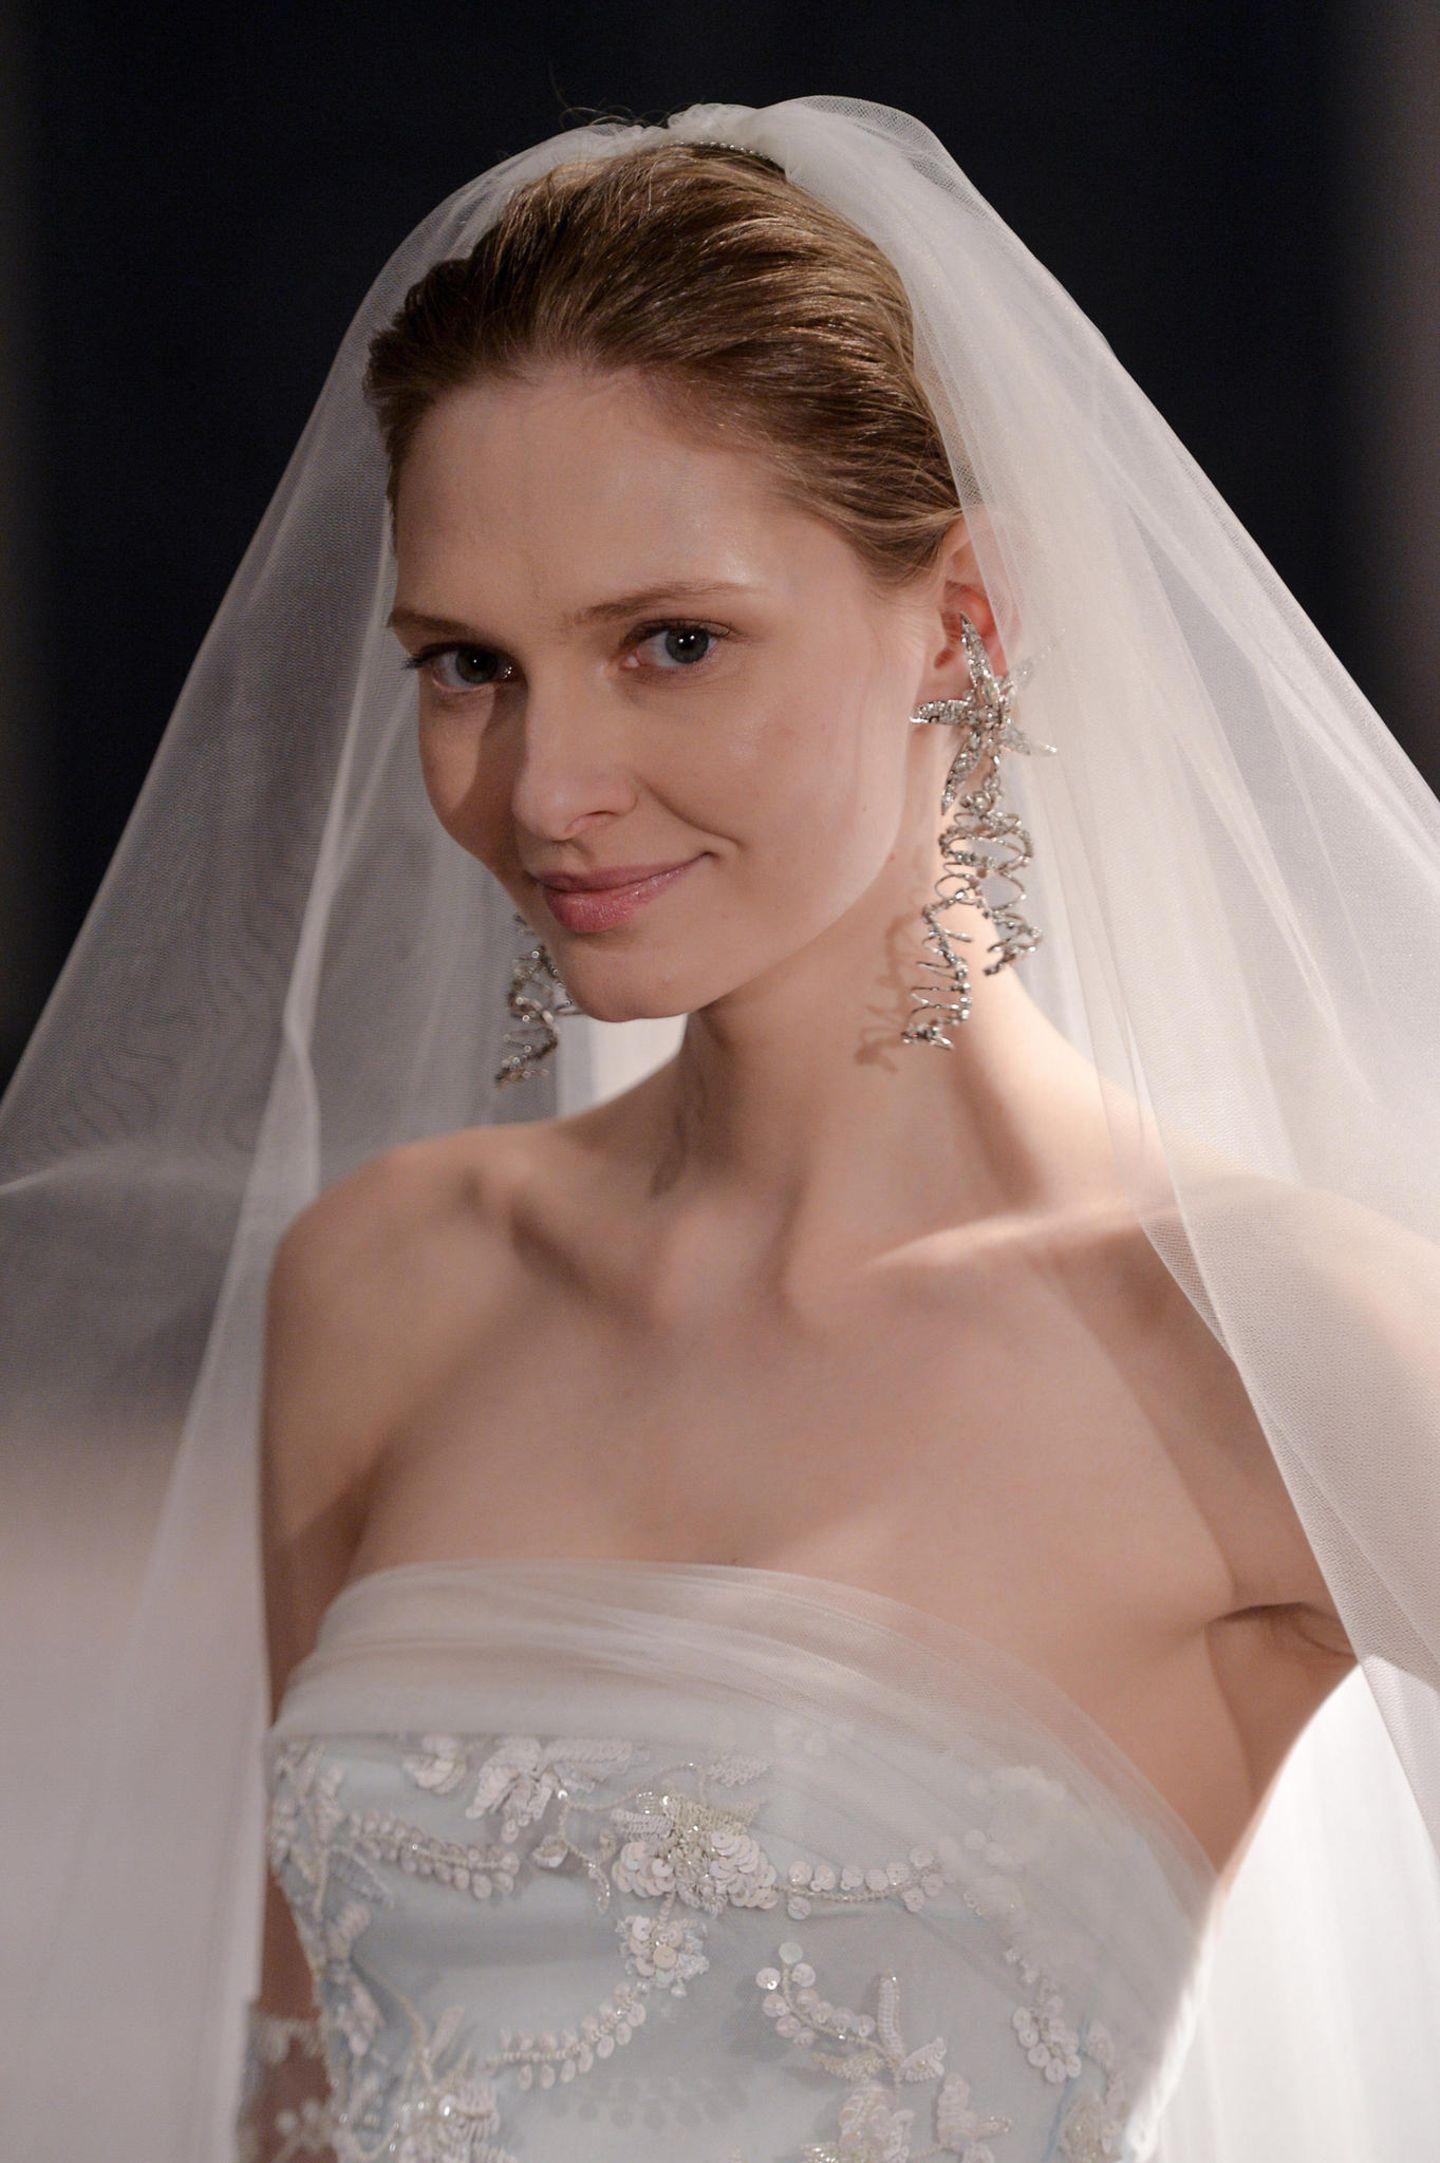 Brautfrisur Schleier: Frau mit Brautkleid und Schleier